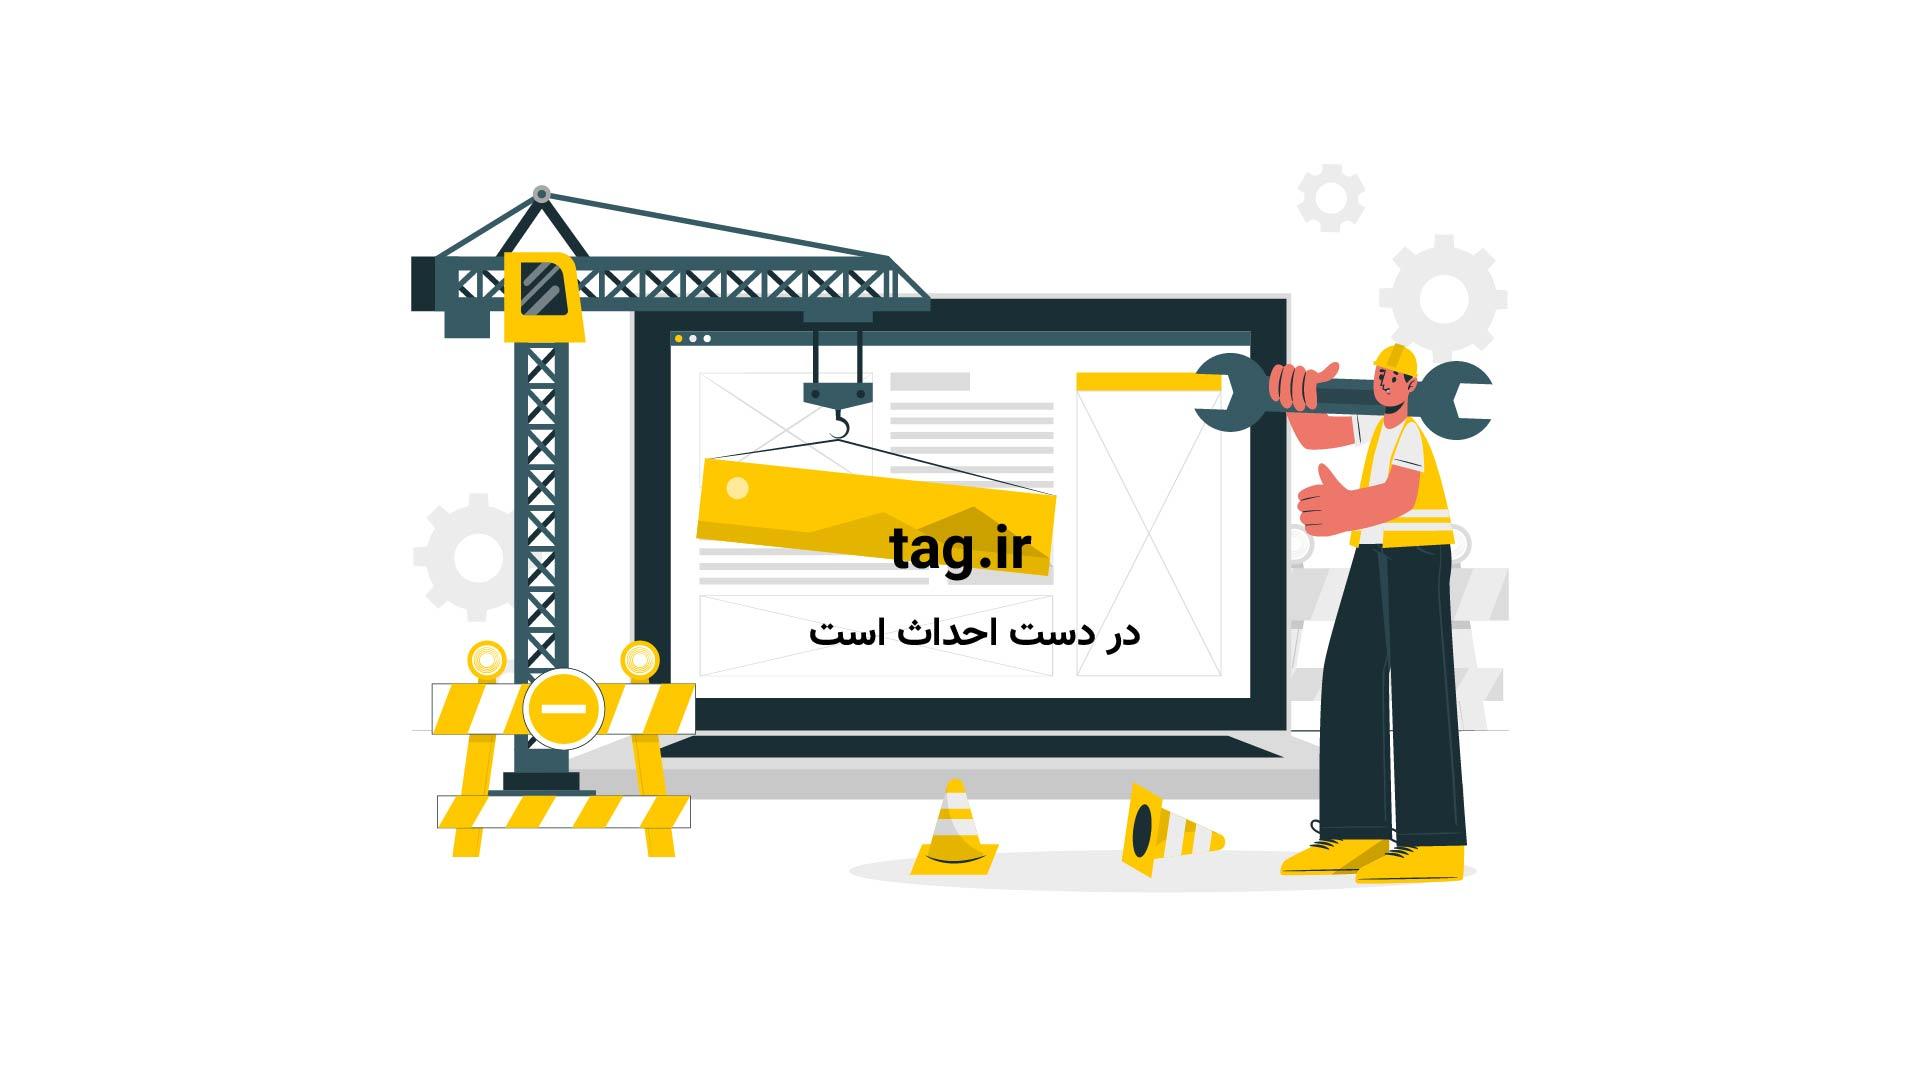 خانه زیبا و تاریخی لاری ها در شهر یزد | فیلم